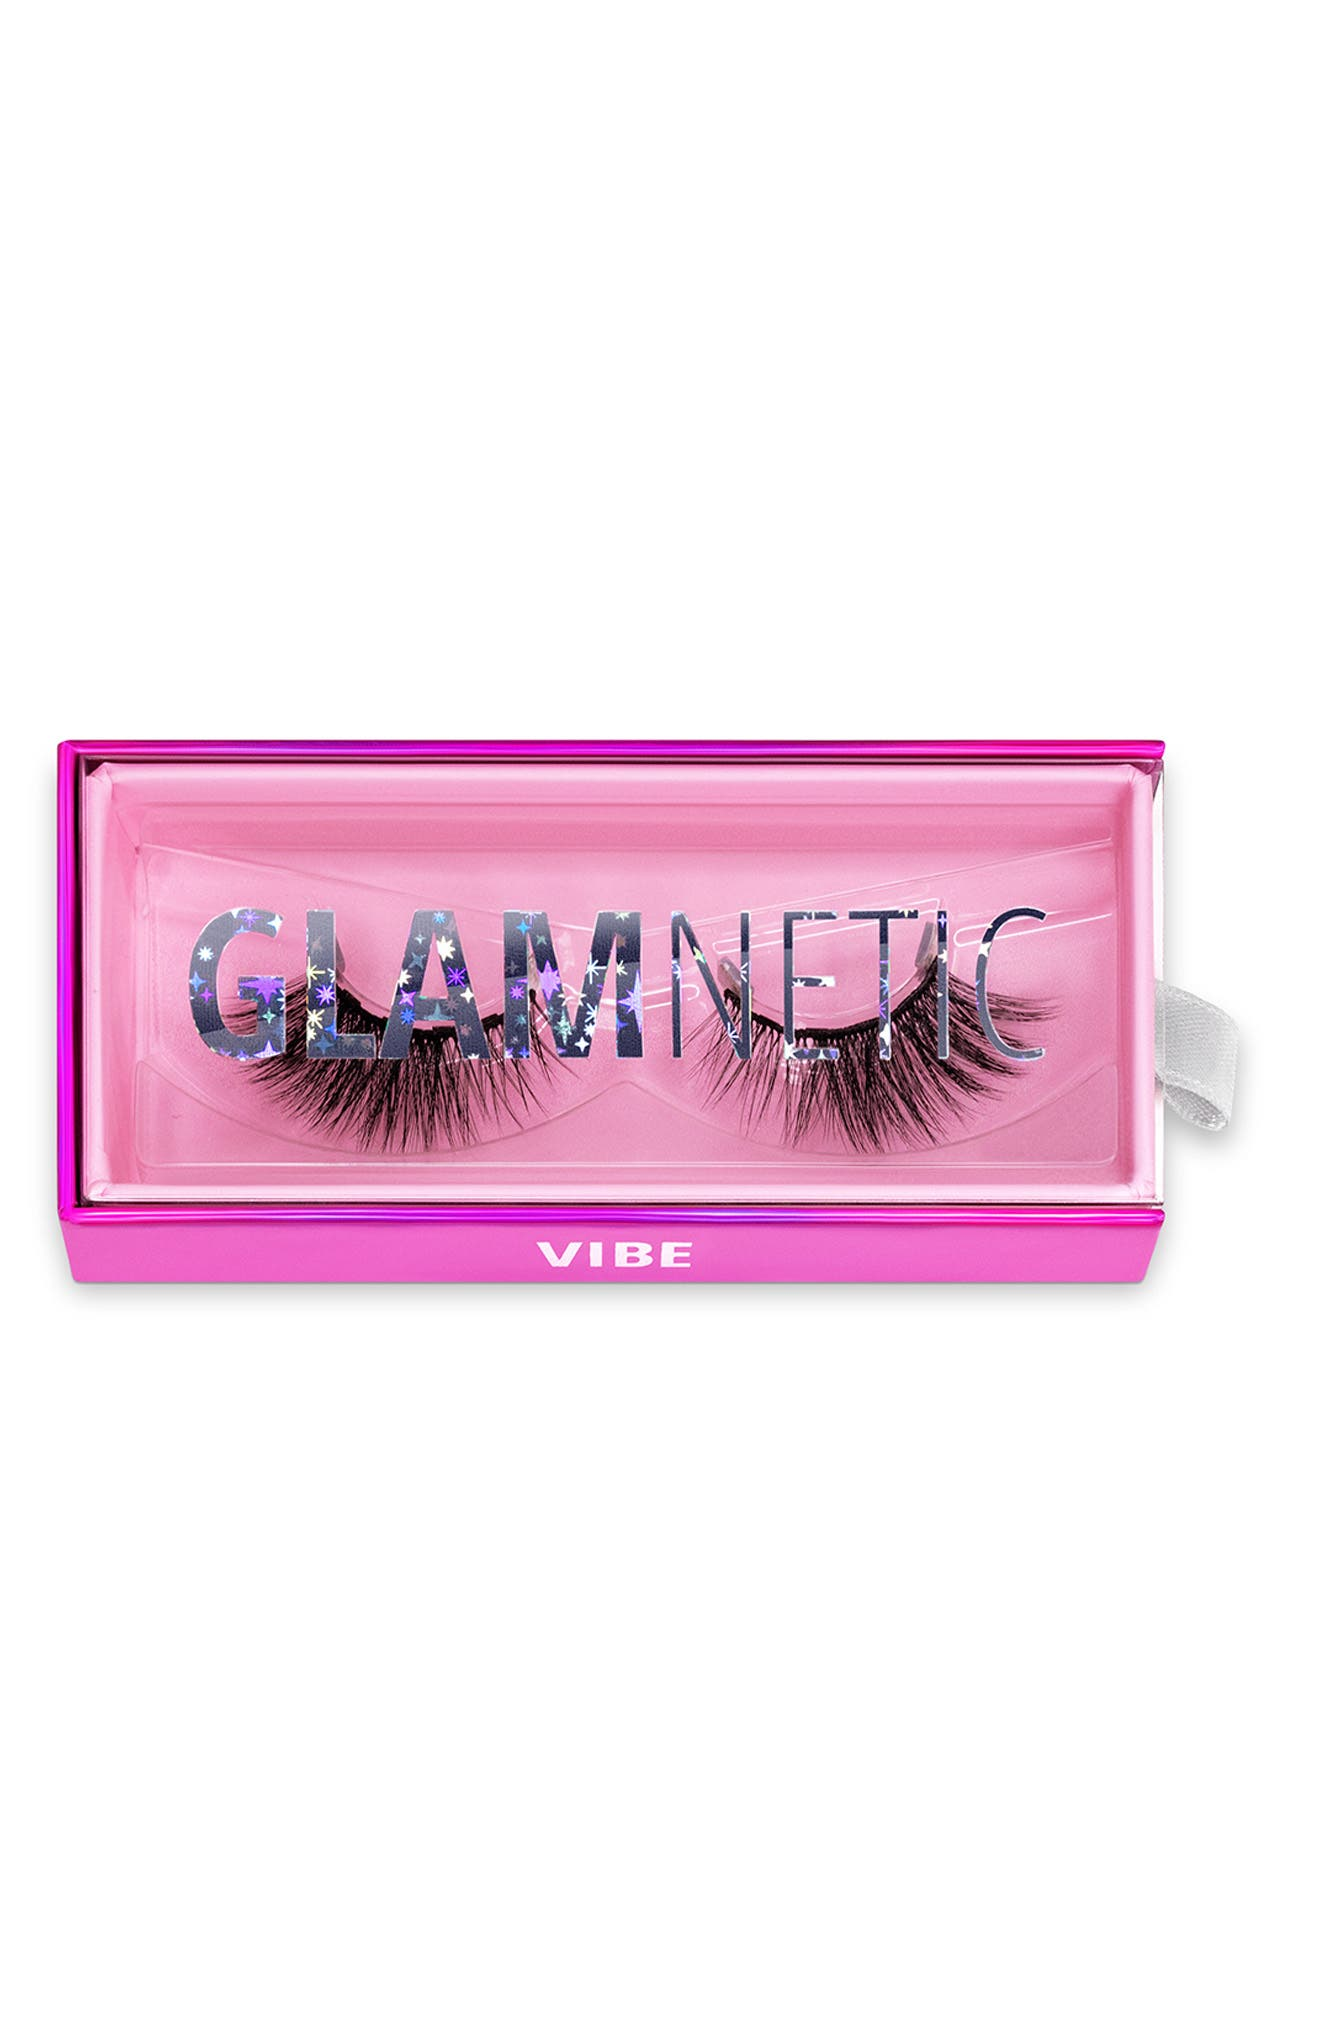 Vibe Magnetic False Eyelashes